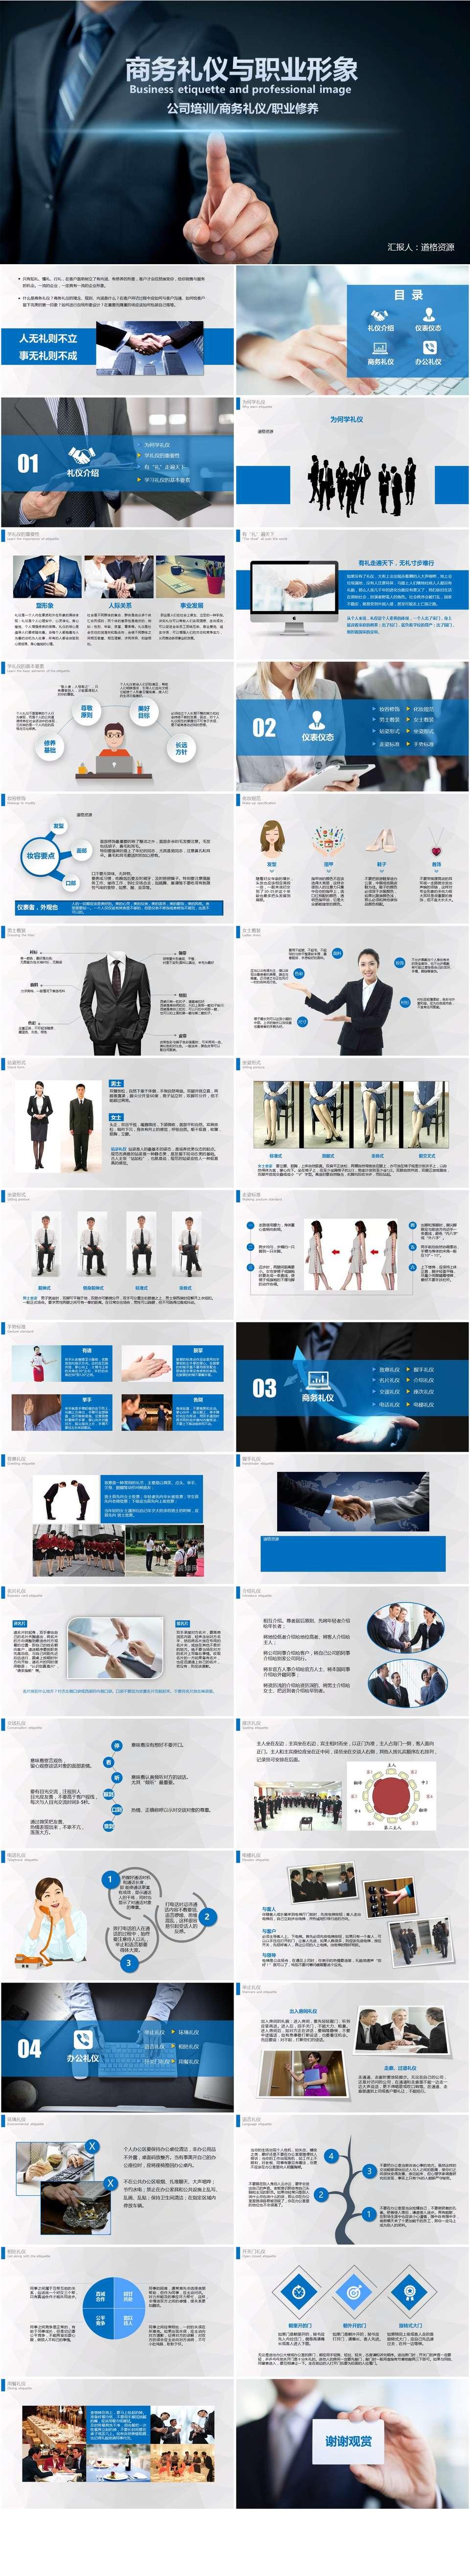 商务礼仪与职业形象PPT模板插图1